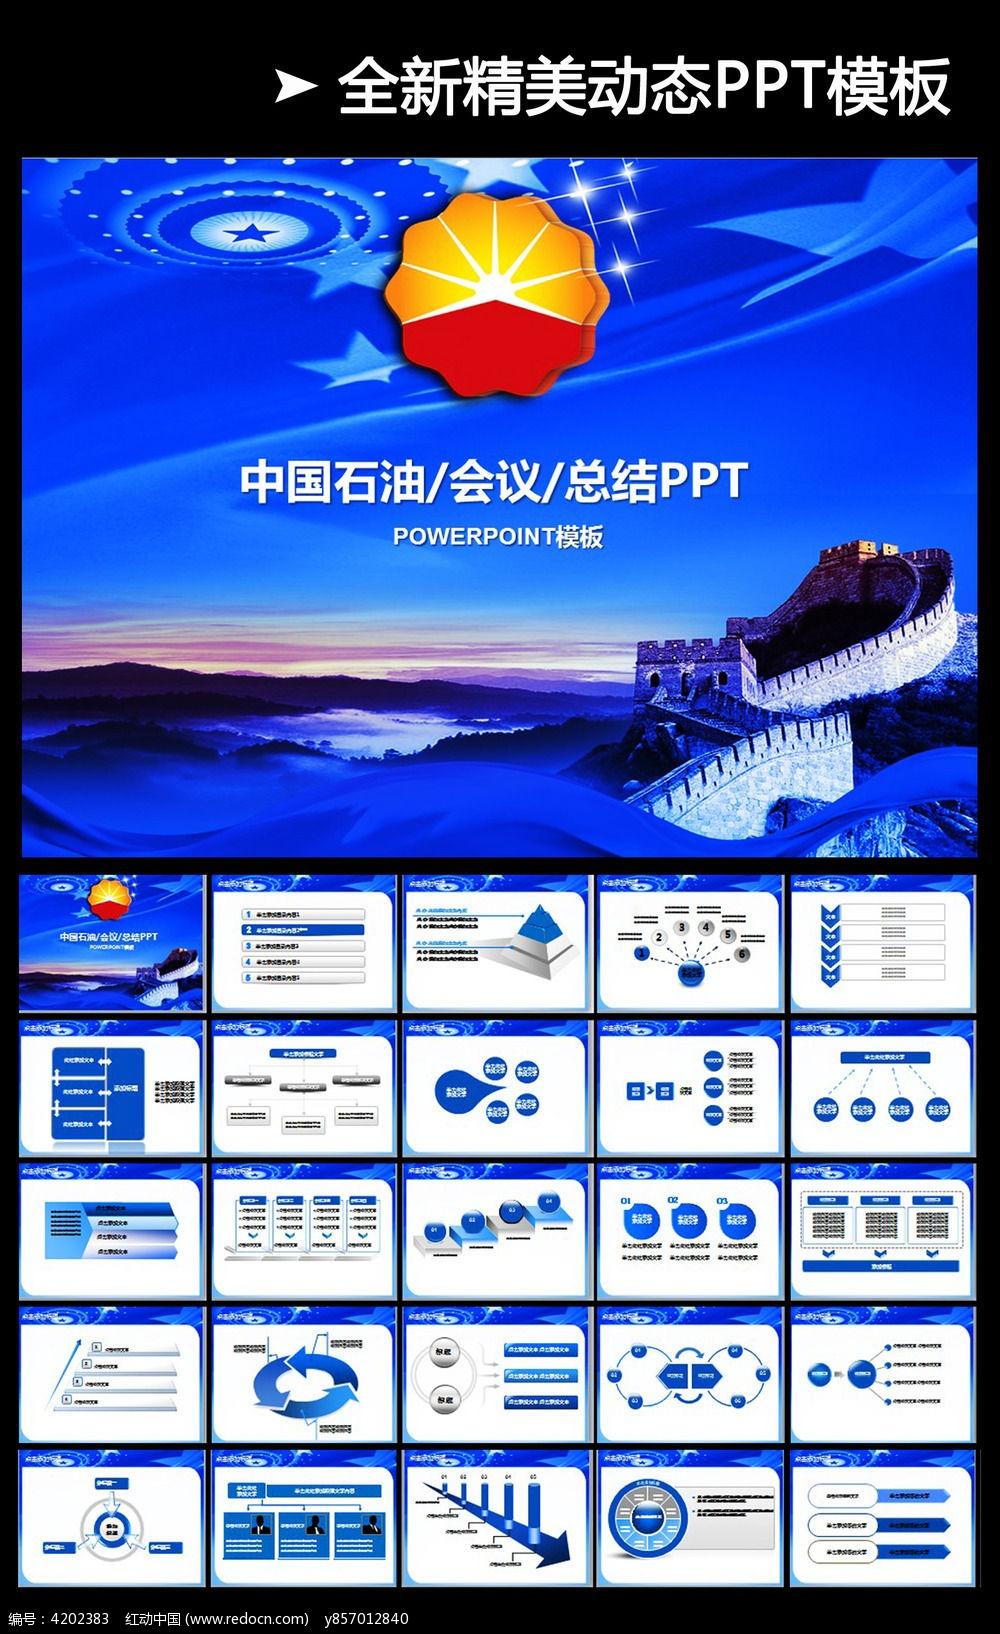 中国石油化工动态ppt模板pptx素材下载_政府党建ppt